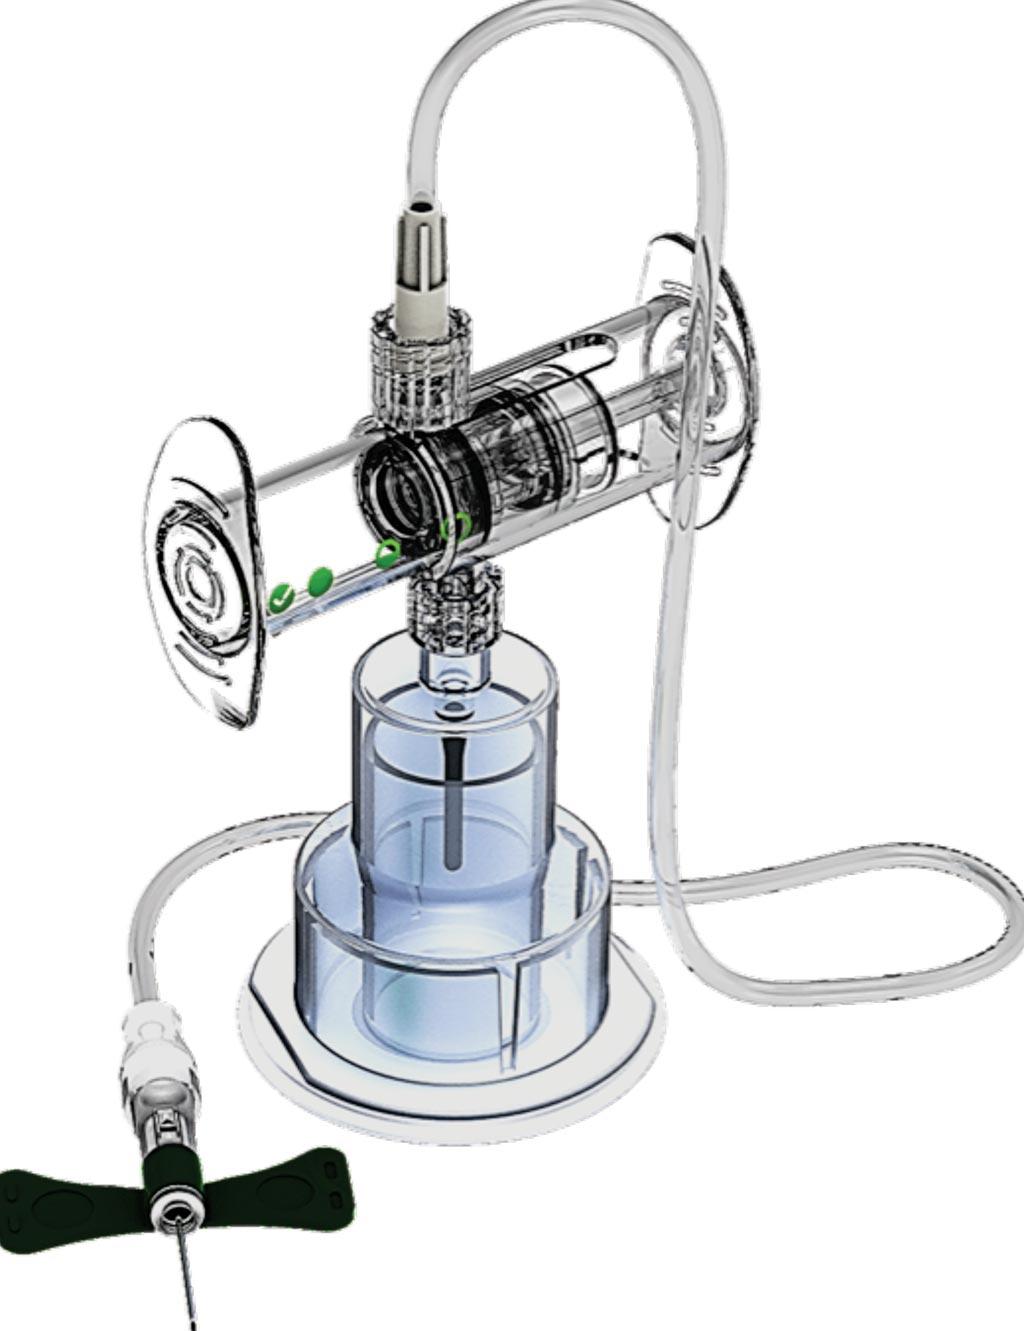 图片:SteriPath Gen2血液培养物收集系统(图片蒙Magnolia医疗技术公司惠赐)。